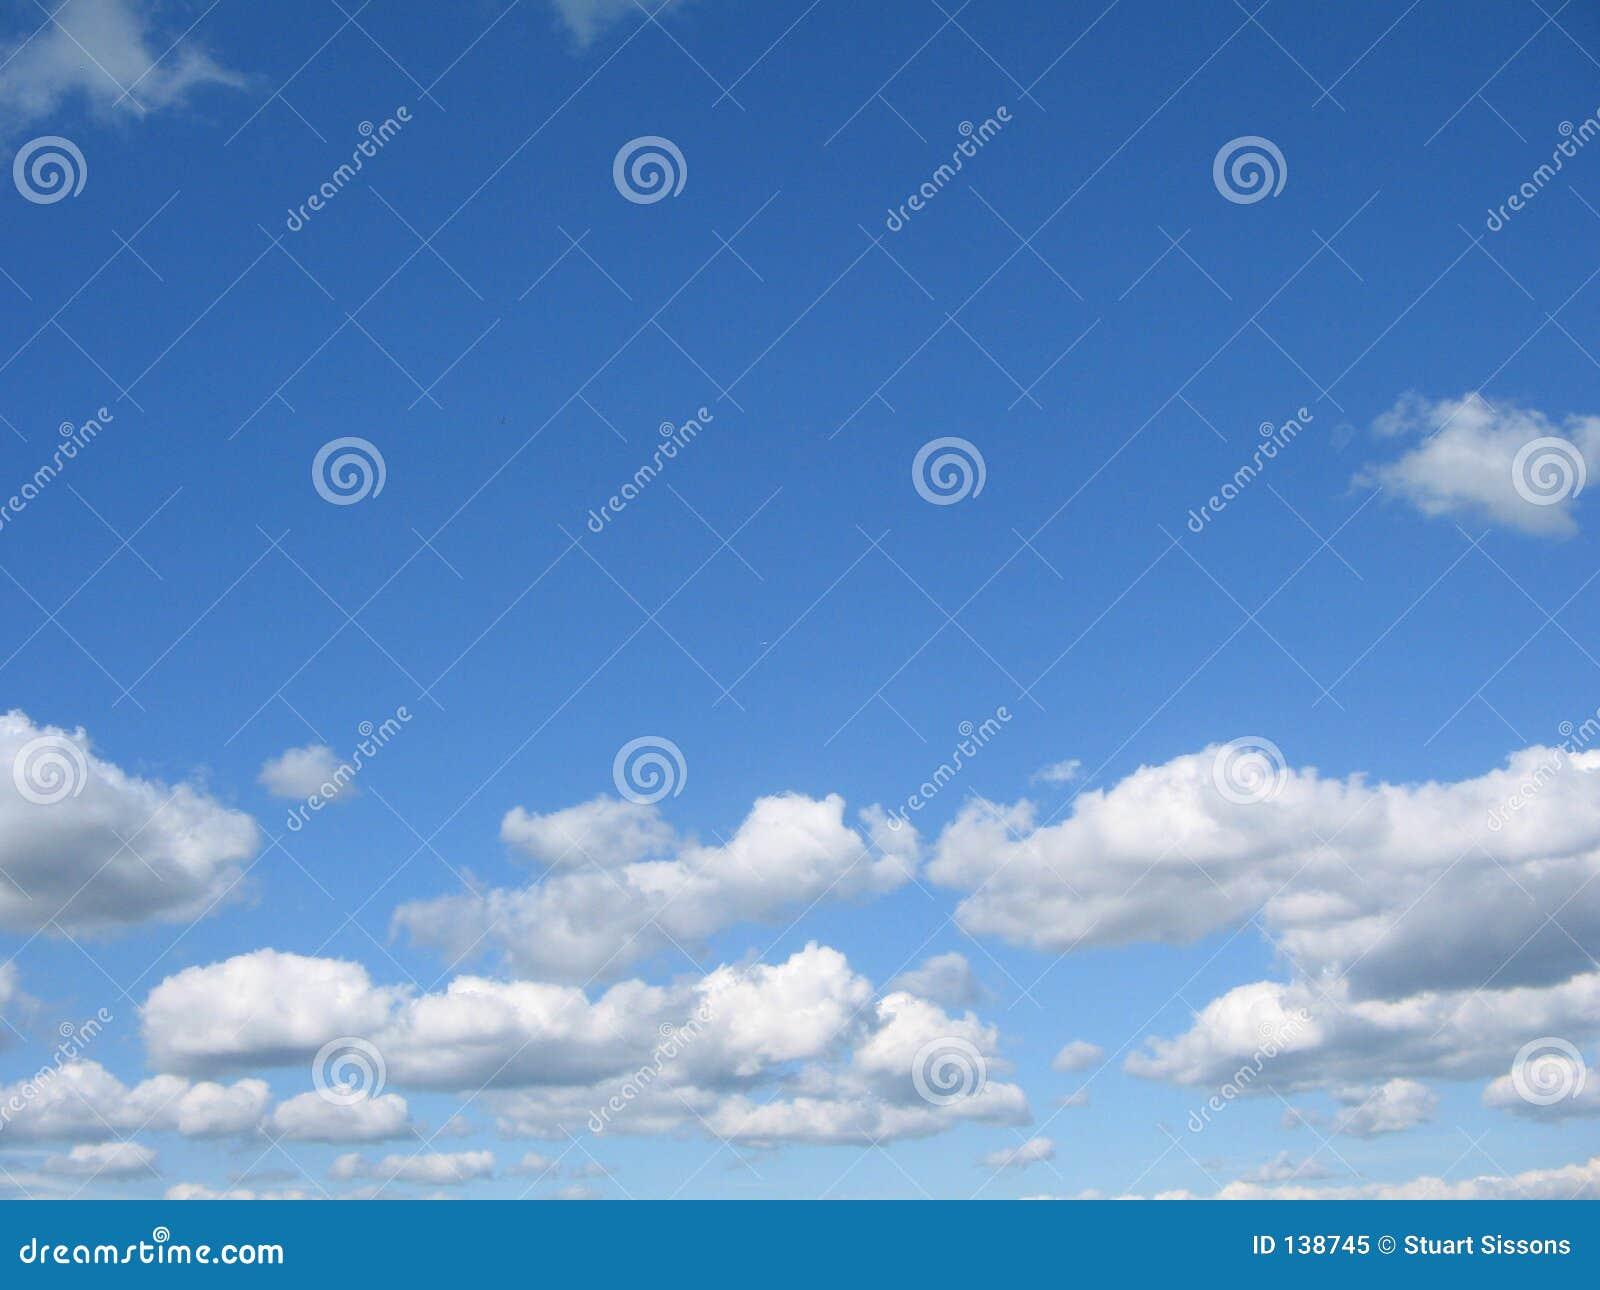 Blauer Himmel, Weiße Wolken Stockbild - Bild von zeit, weiß: 138745